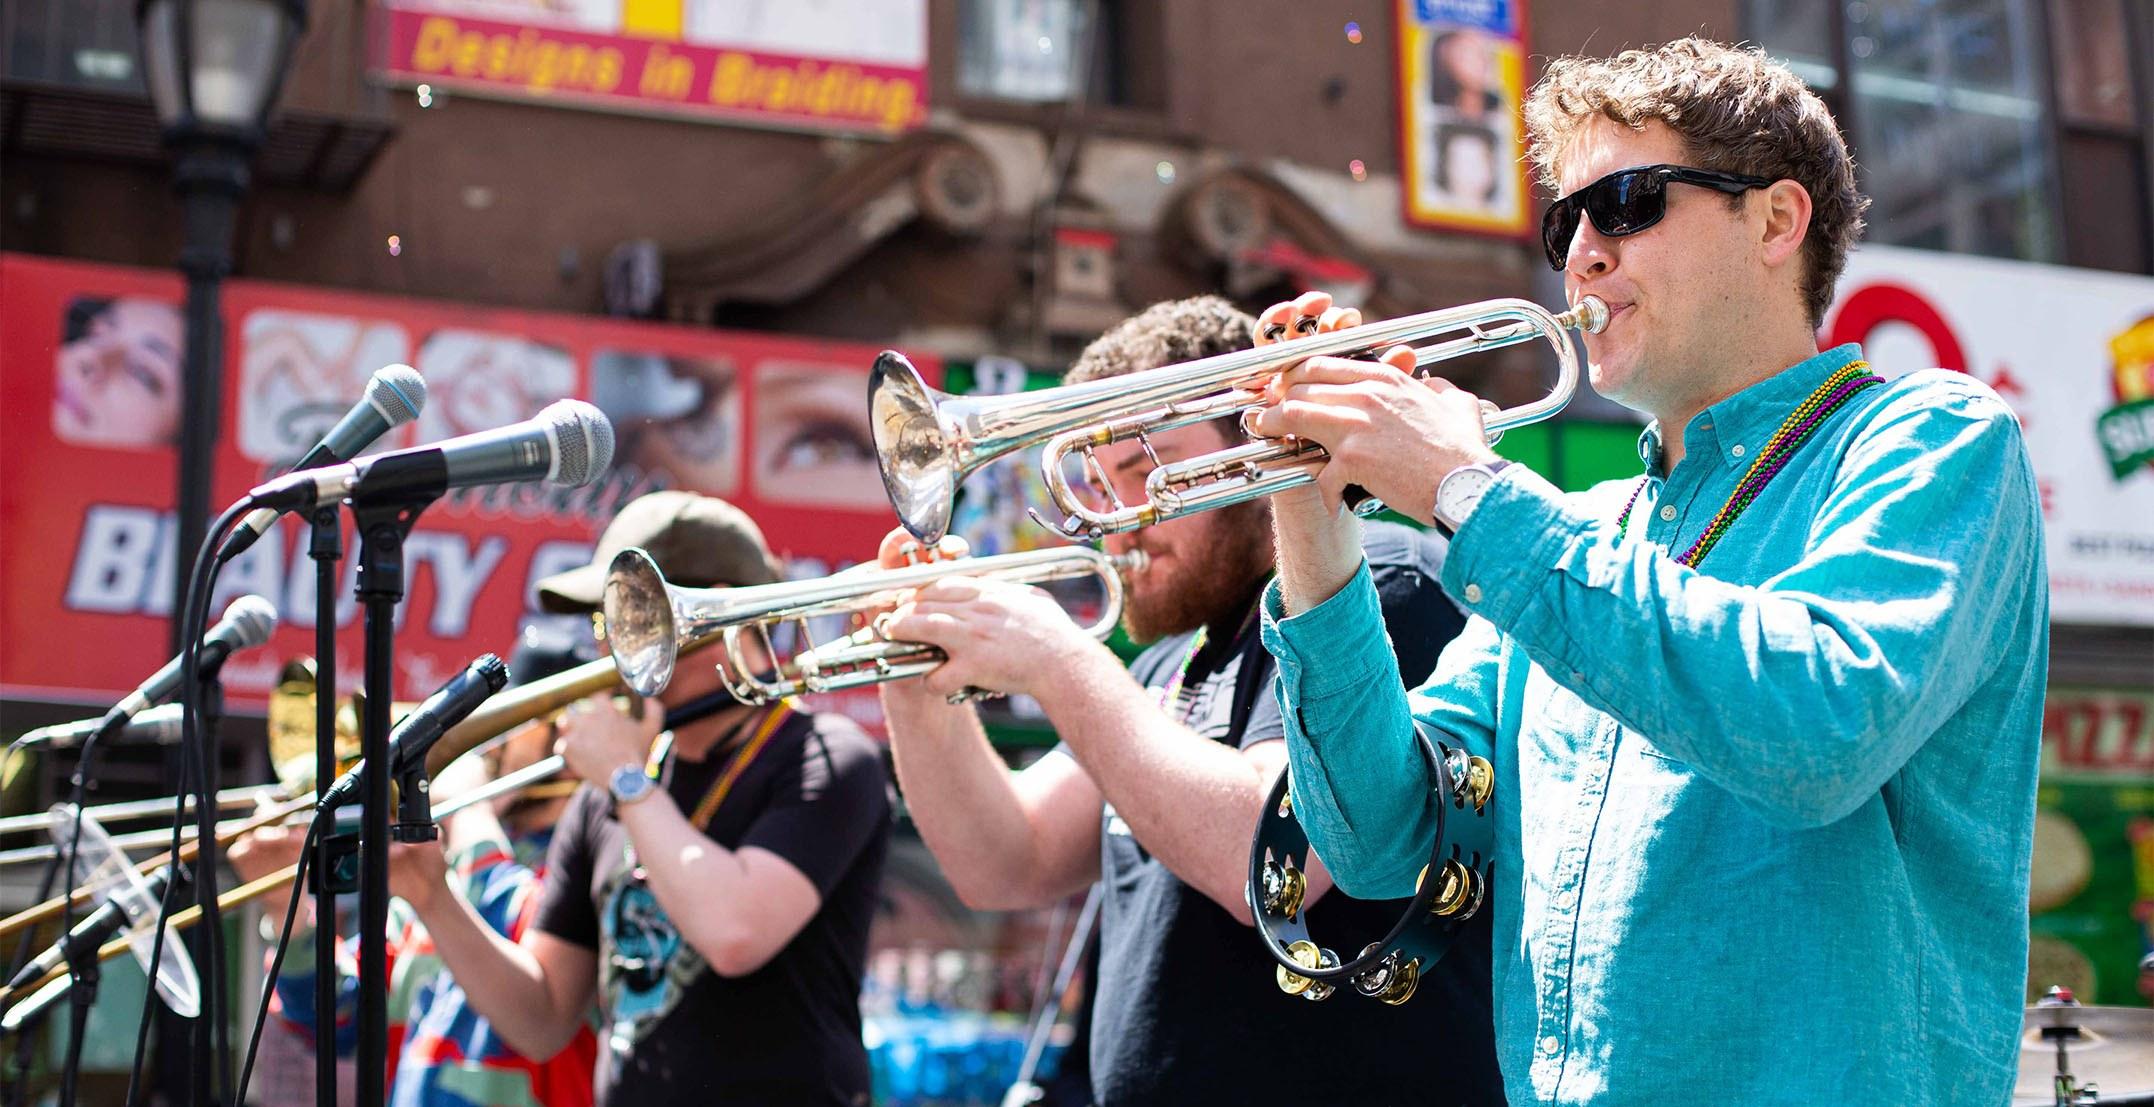 willoughby-walks-2019-brass-band-2.jpg#asset:58375